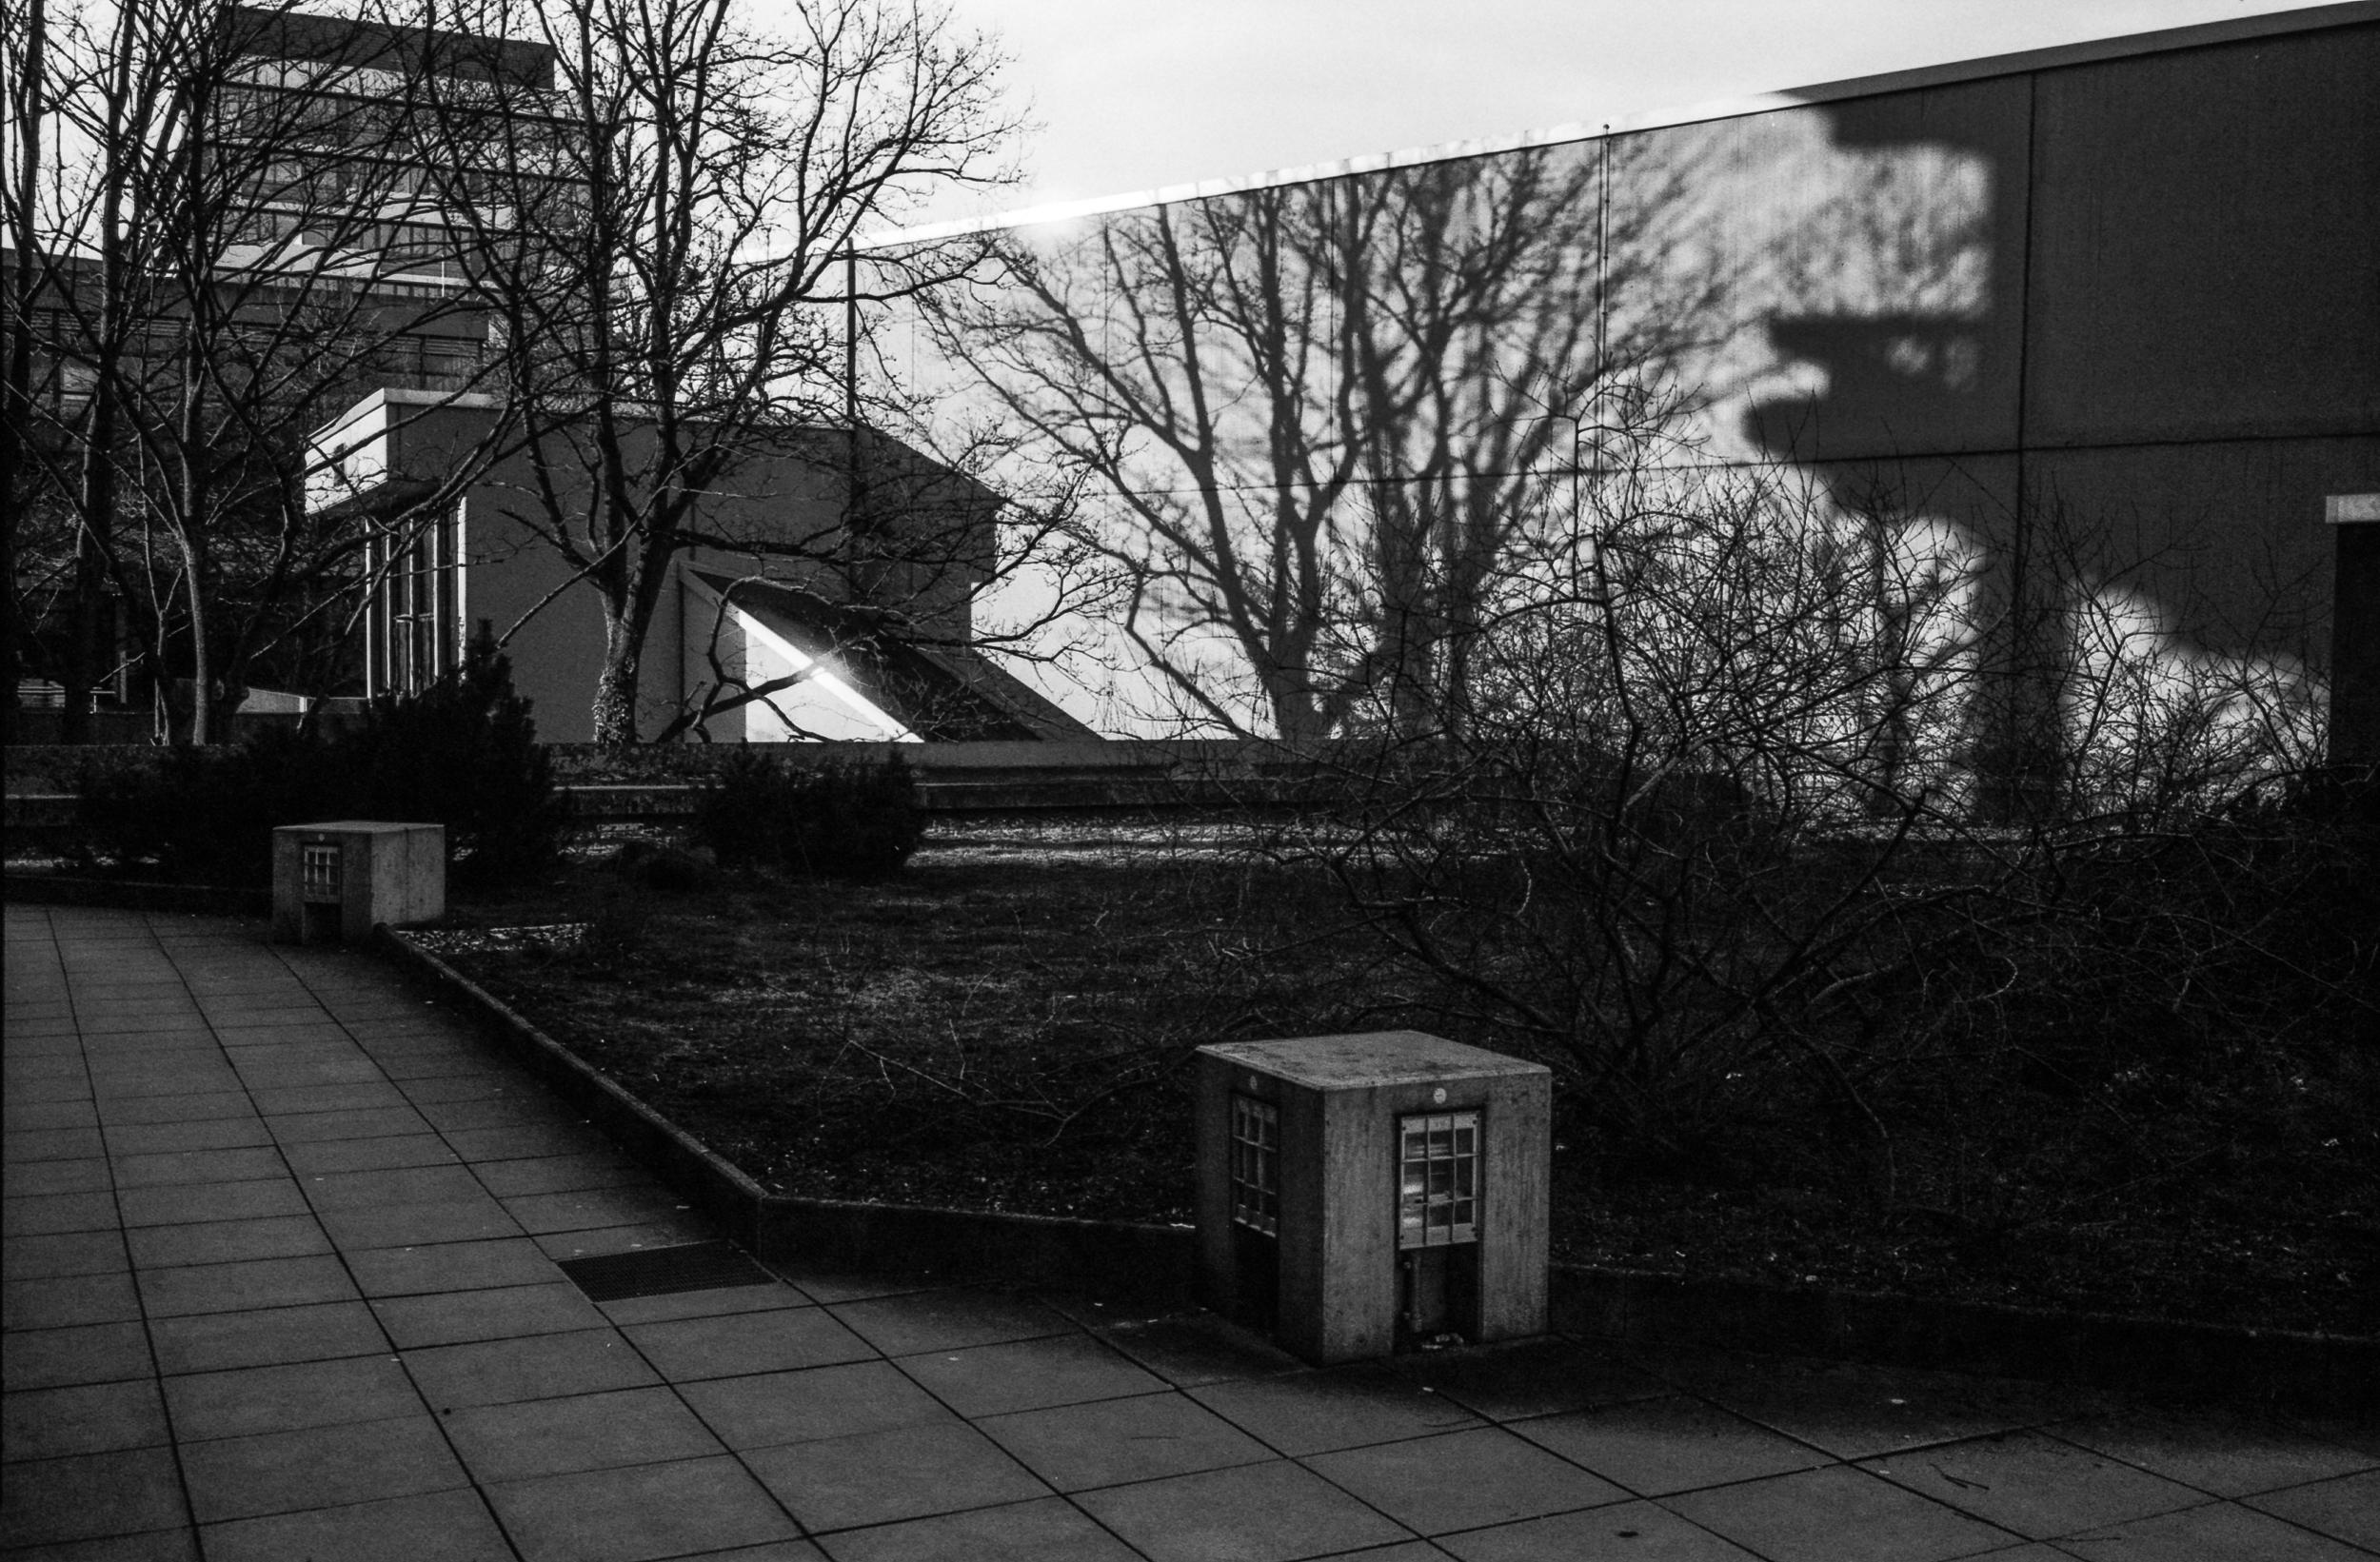 Ruhruniversität_20180327_0002_2500px.jpg